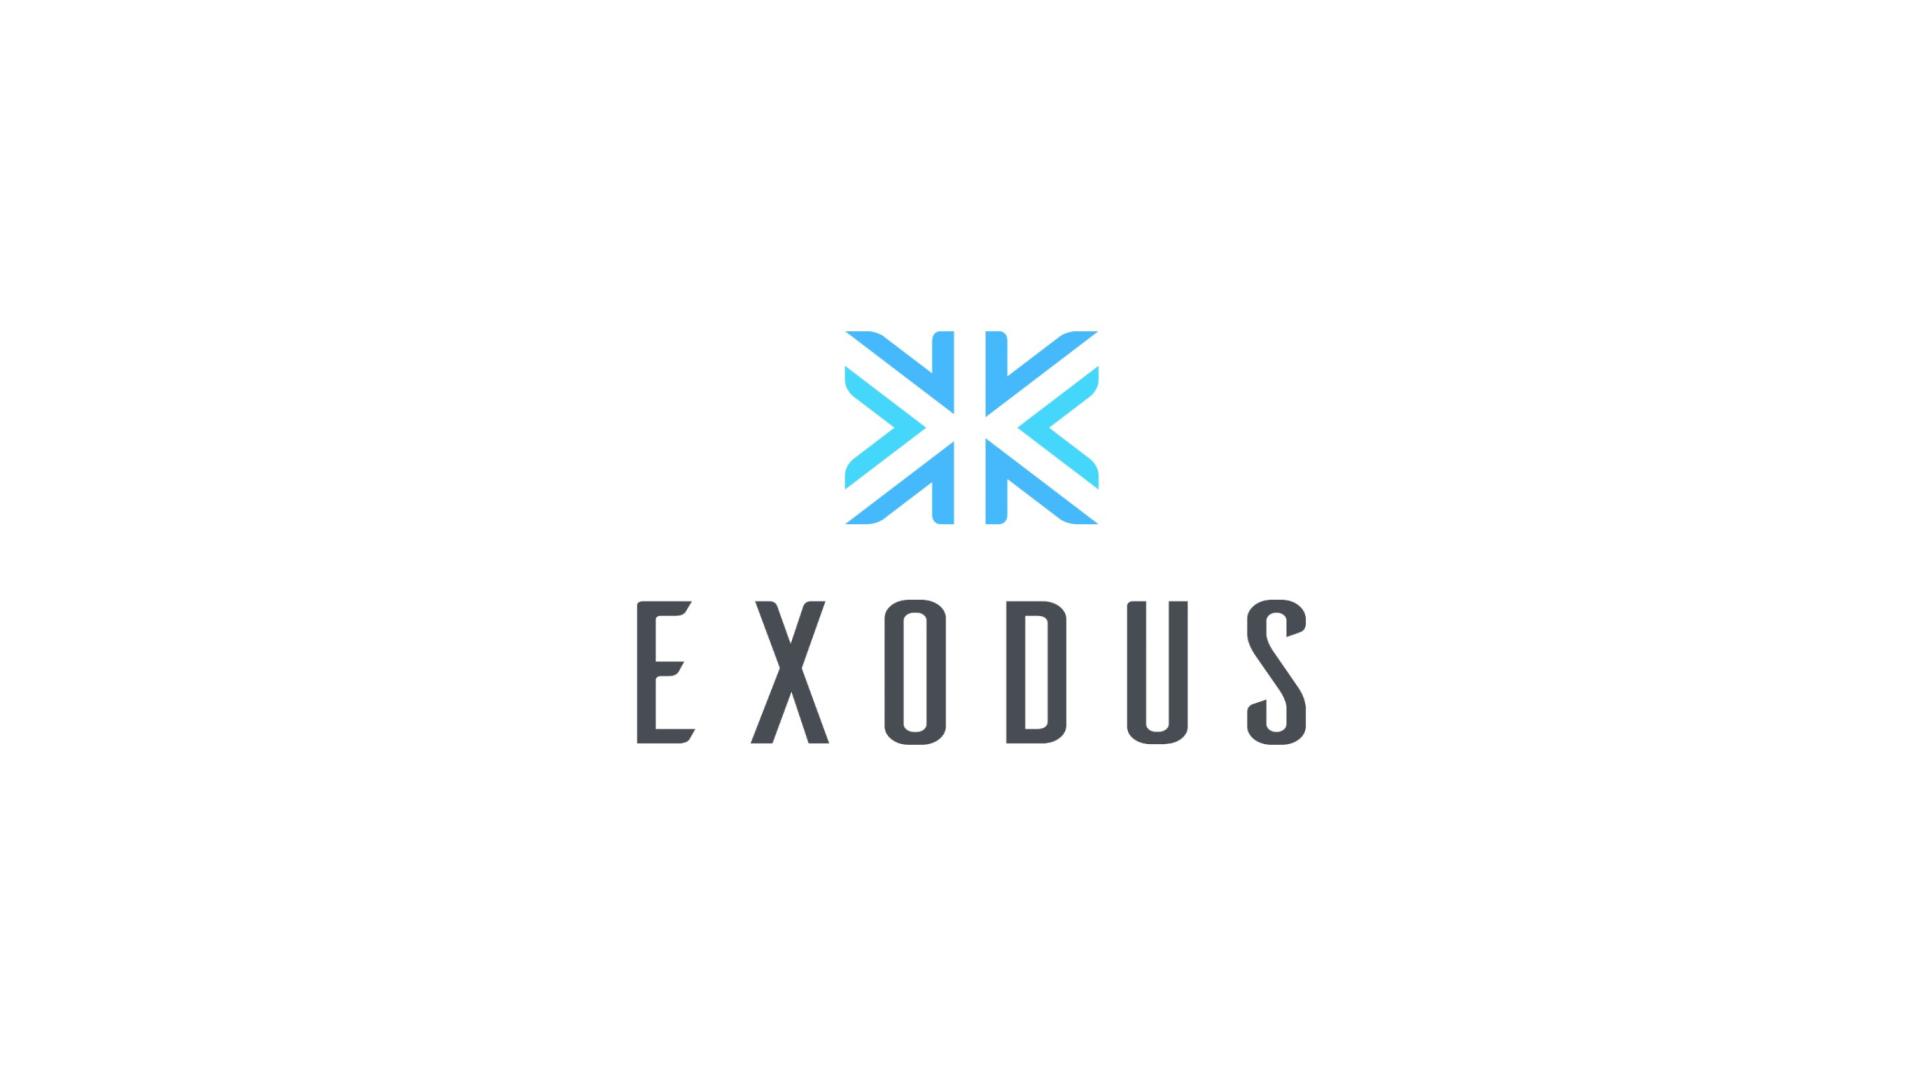 bitcoin litecoin etehrem upenezenka exodus_00000